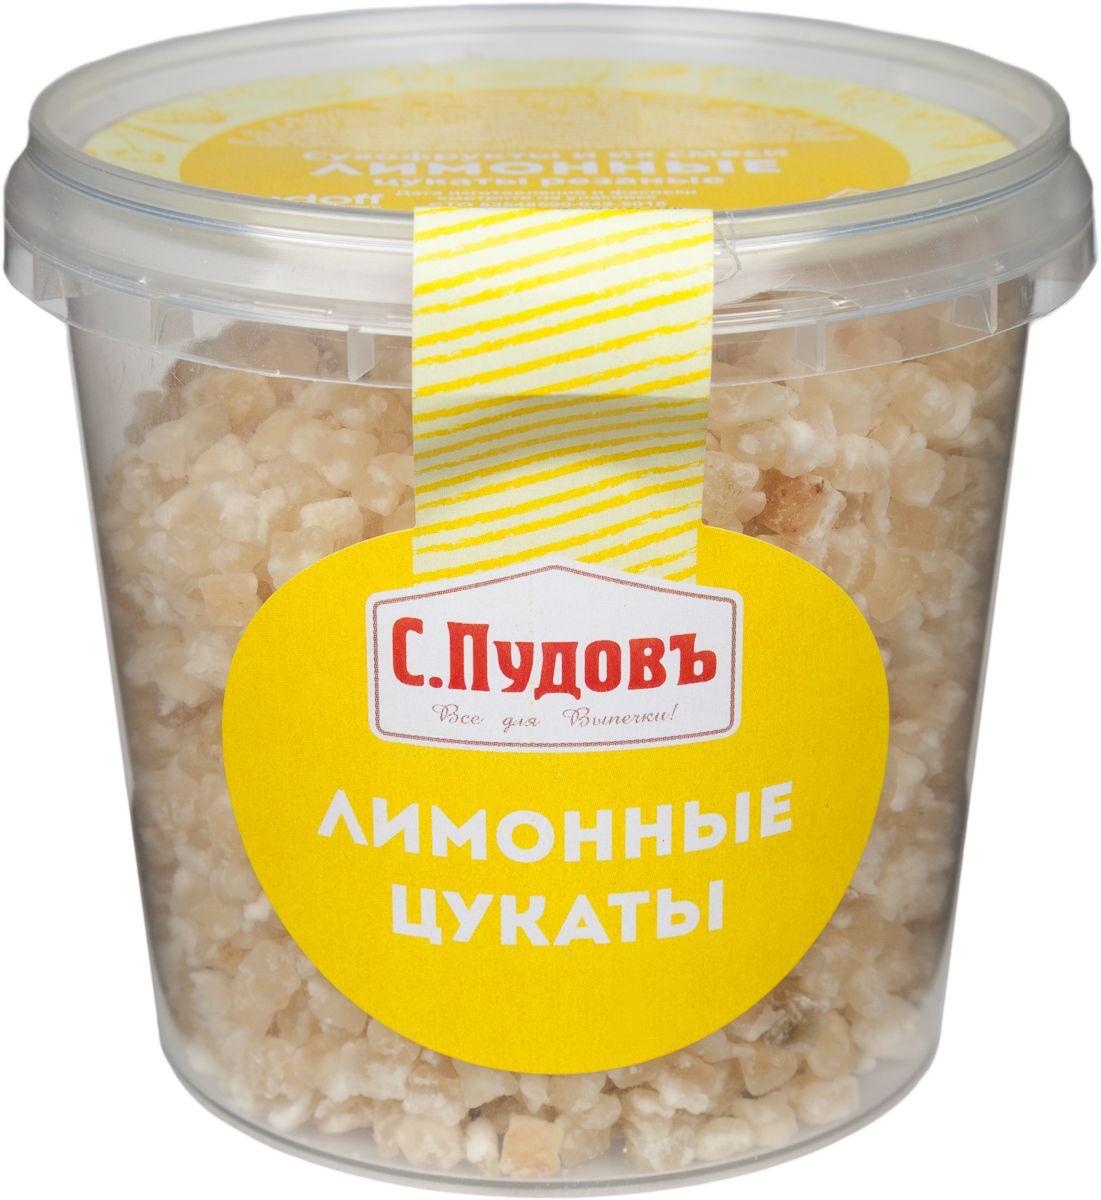 Лимонные цукаты С.Пудовъ 230 г фото